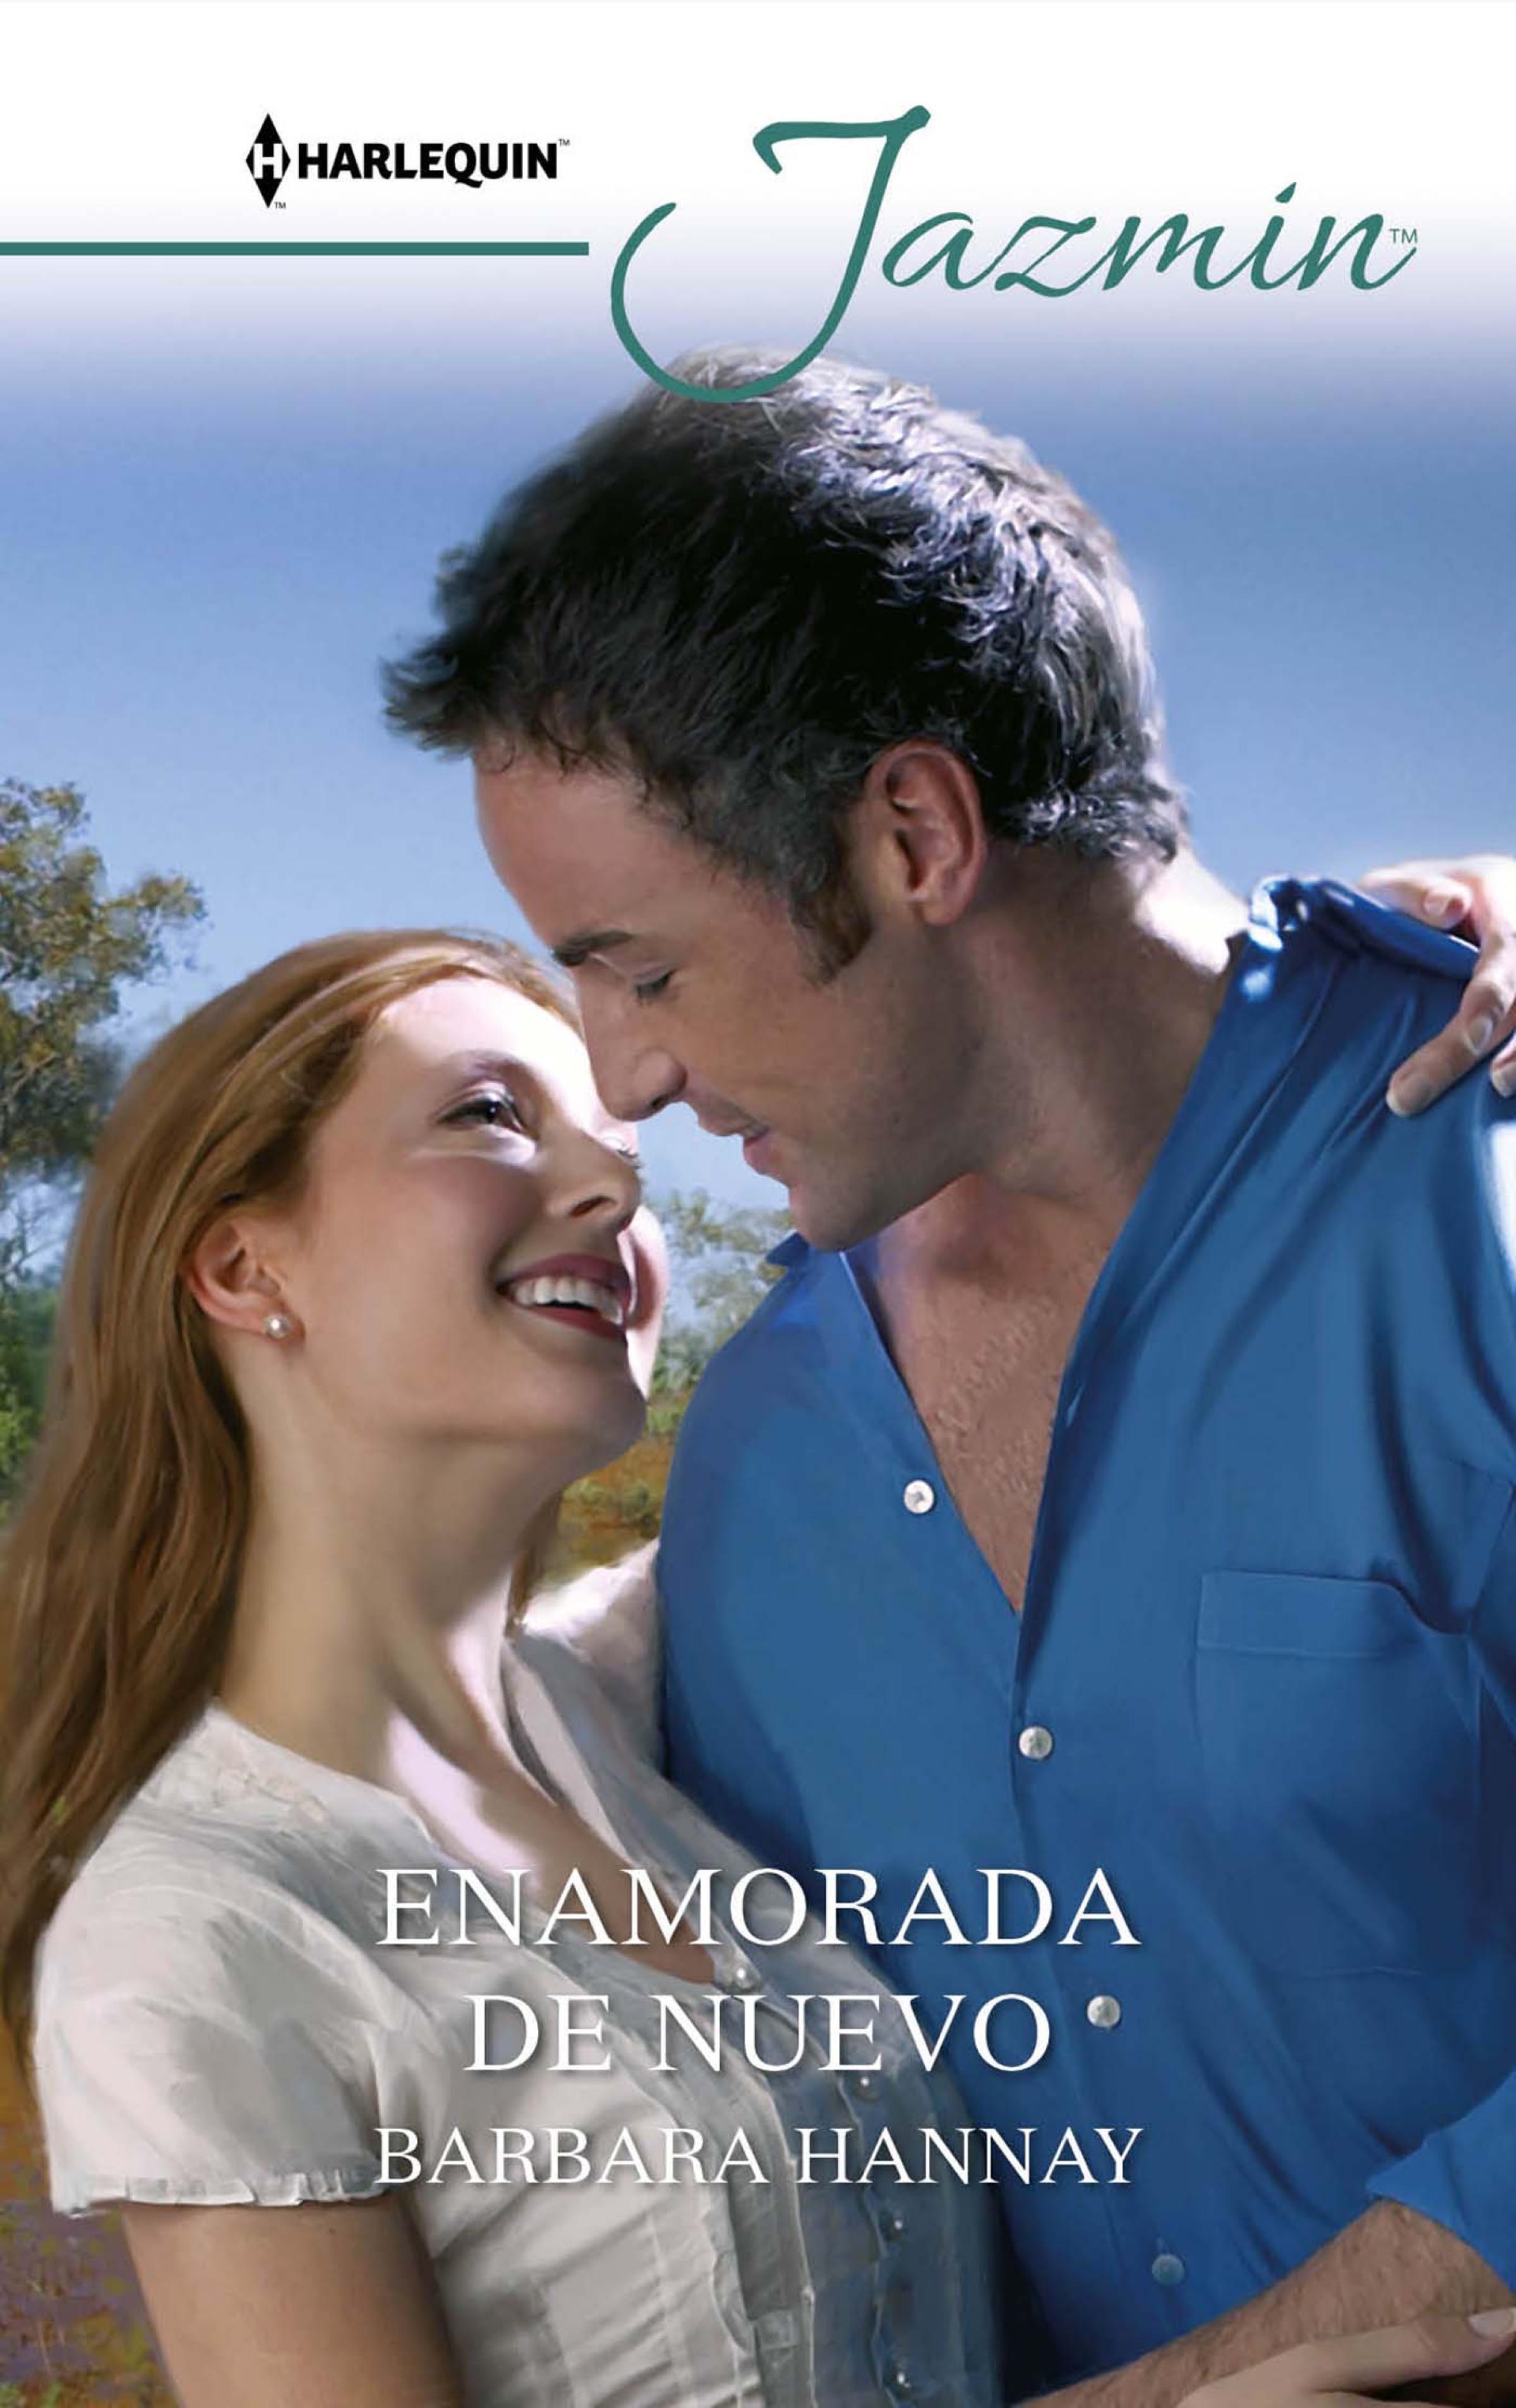 Barbara Hannay Enamorada de nuevo barbara hannay the wedding countdown